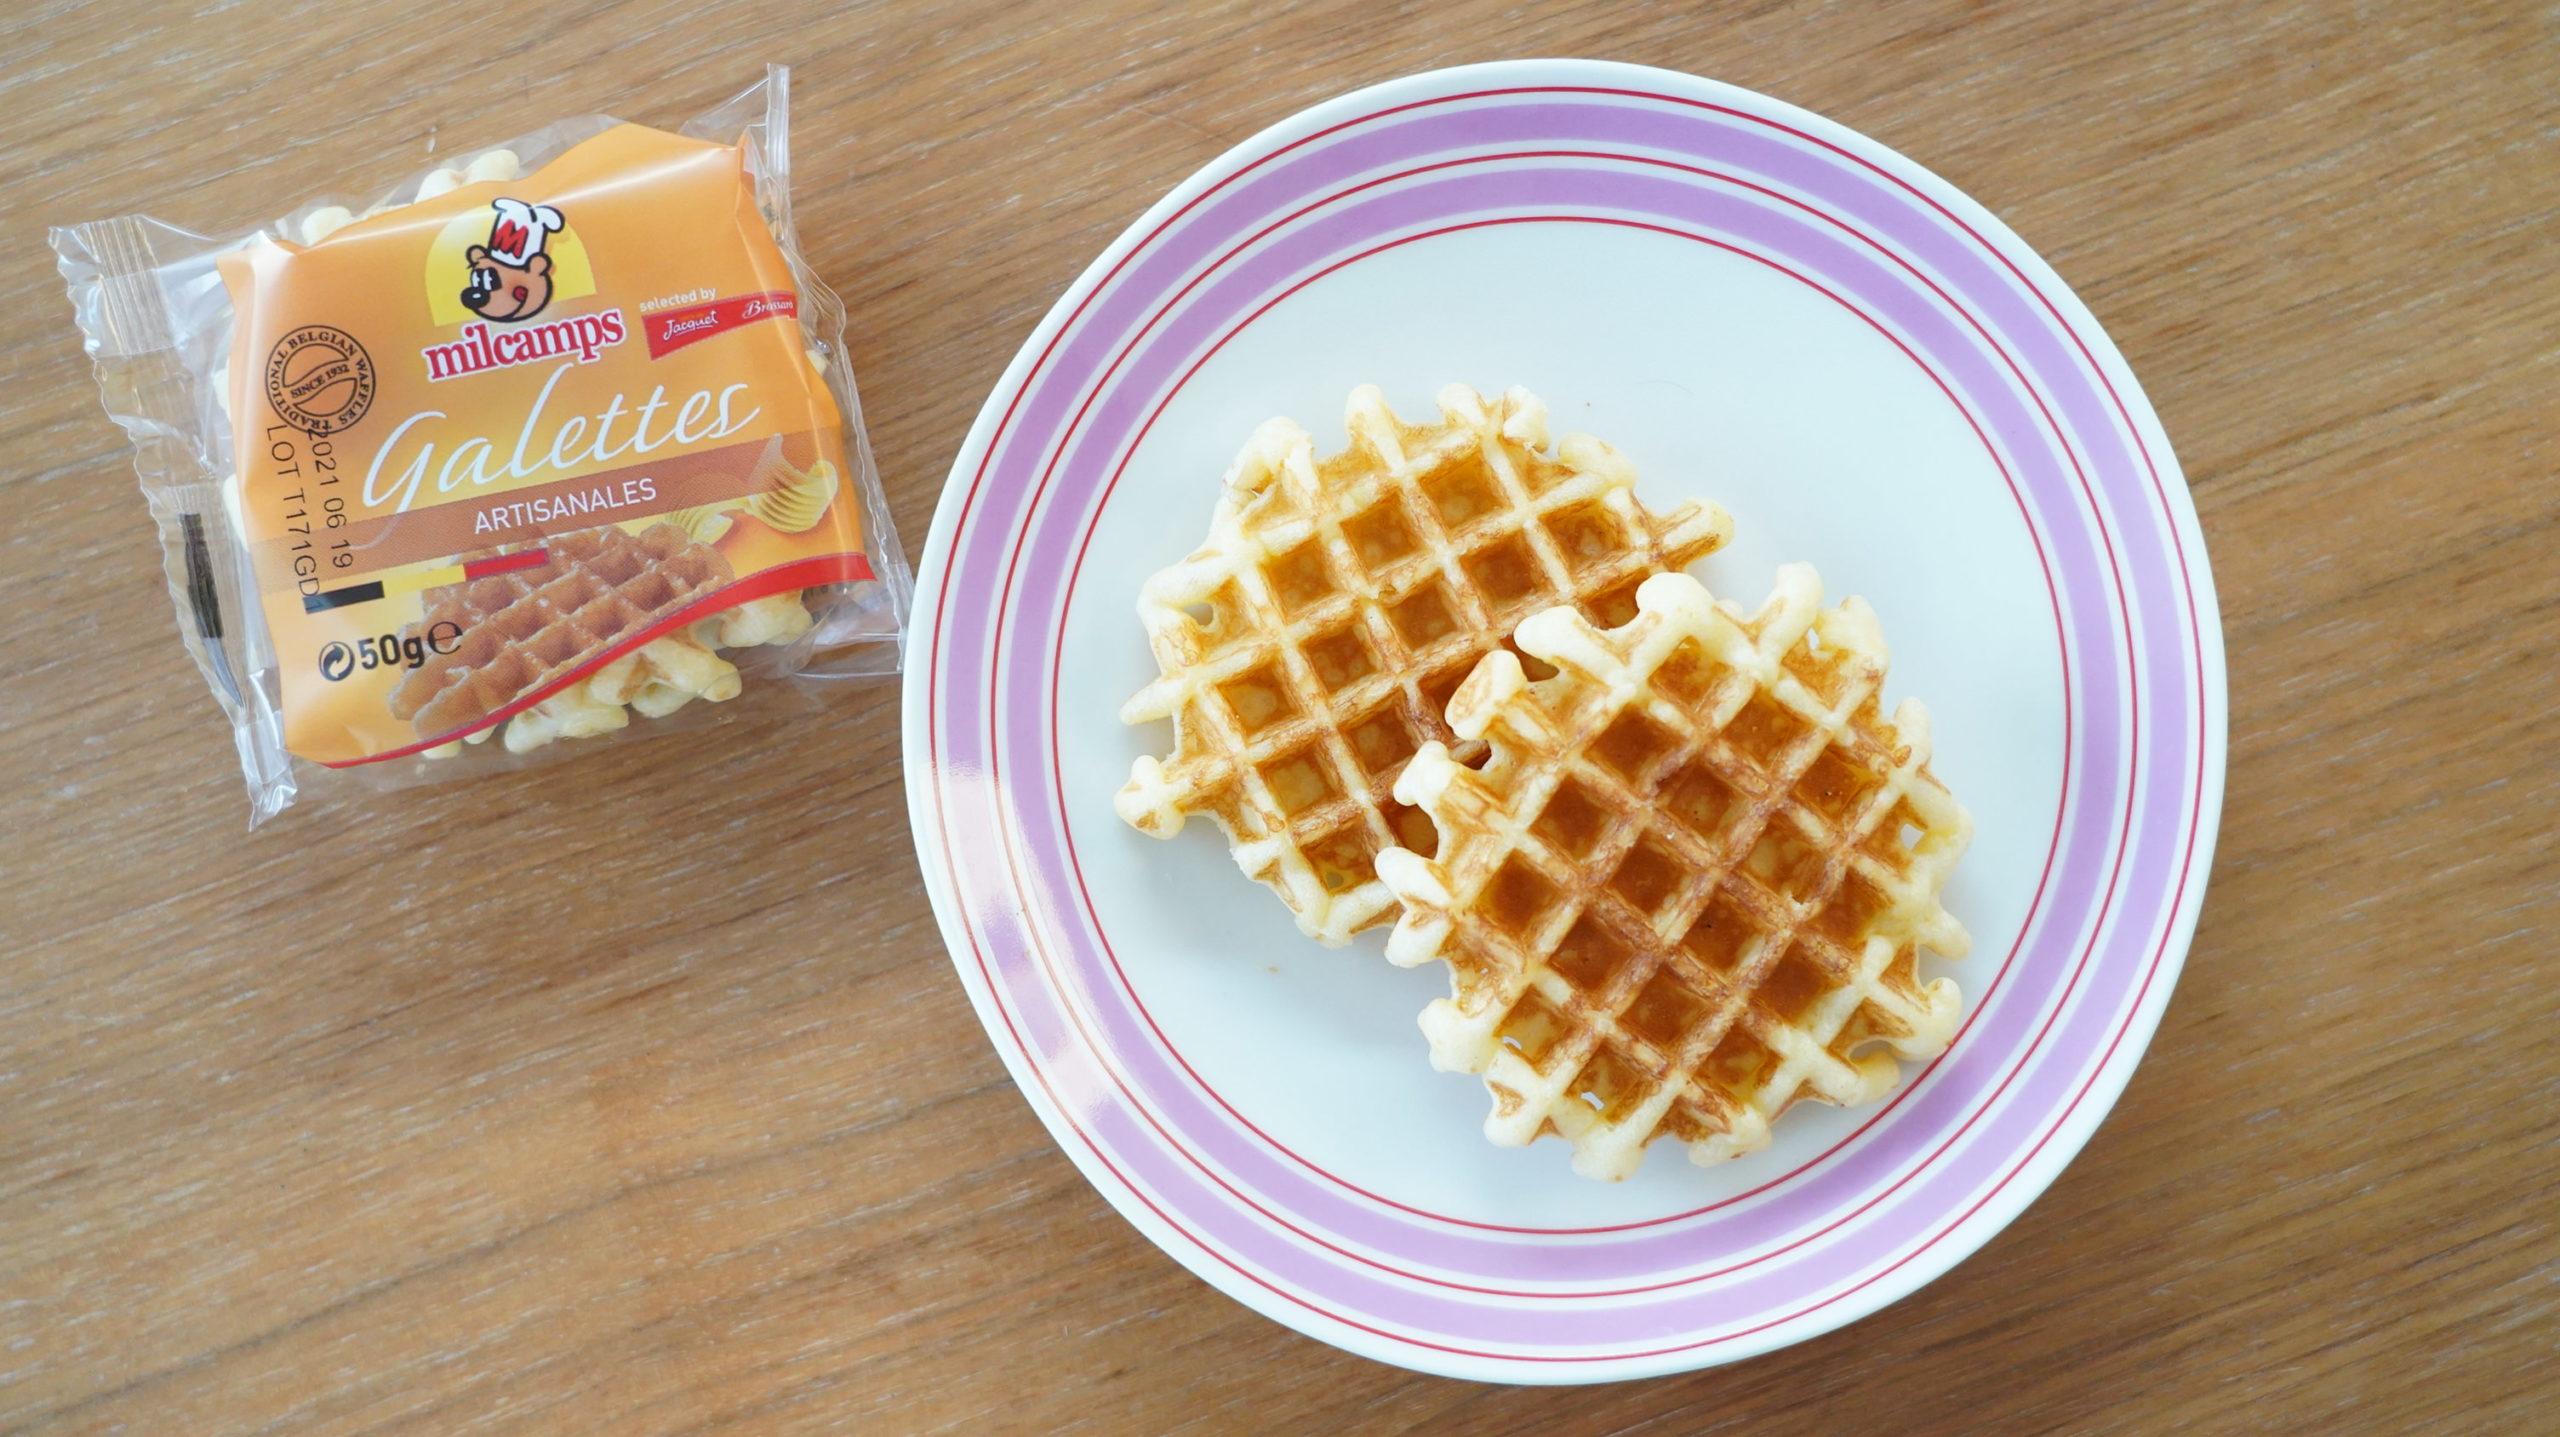 コストコの冷凍食品「ベルギー・バターワッフル」の袋と皿に盛ったワッフルの写真